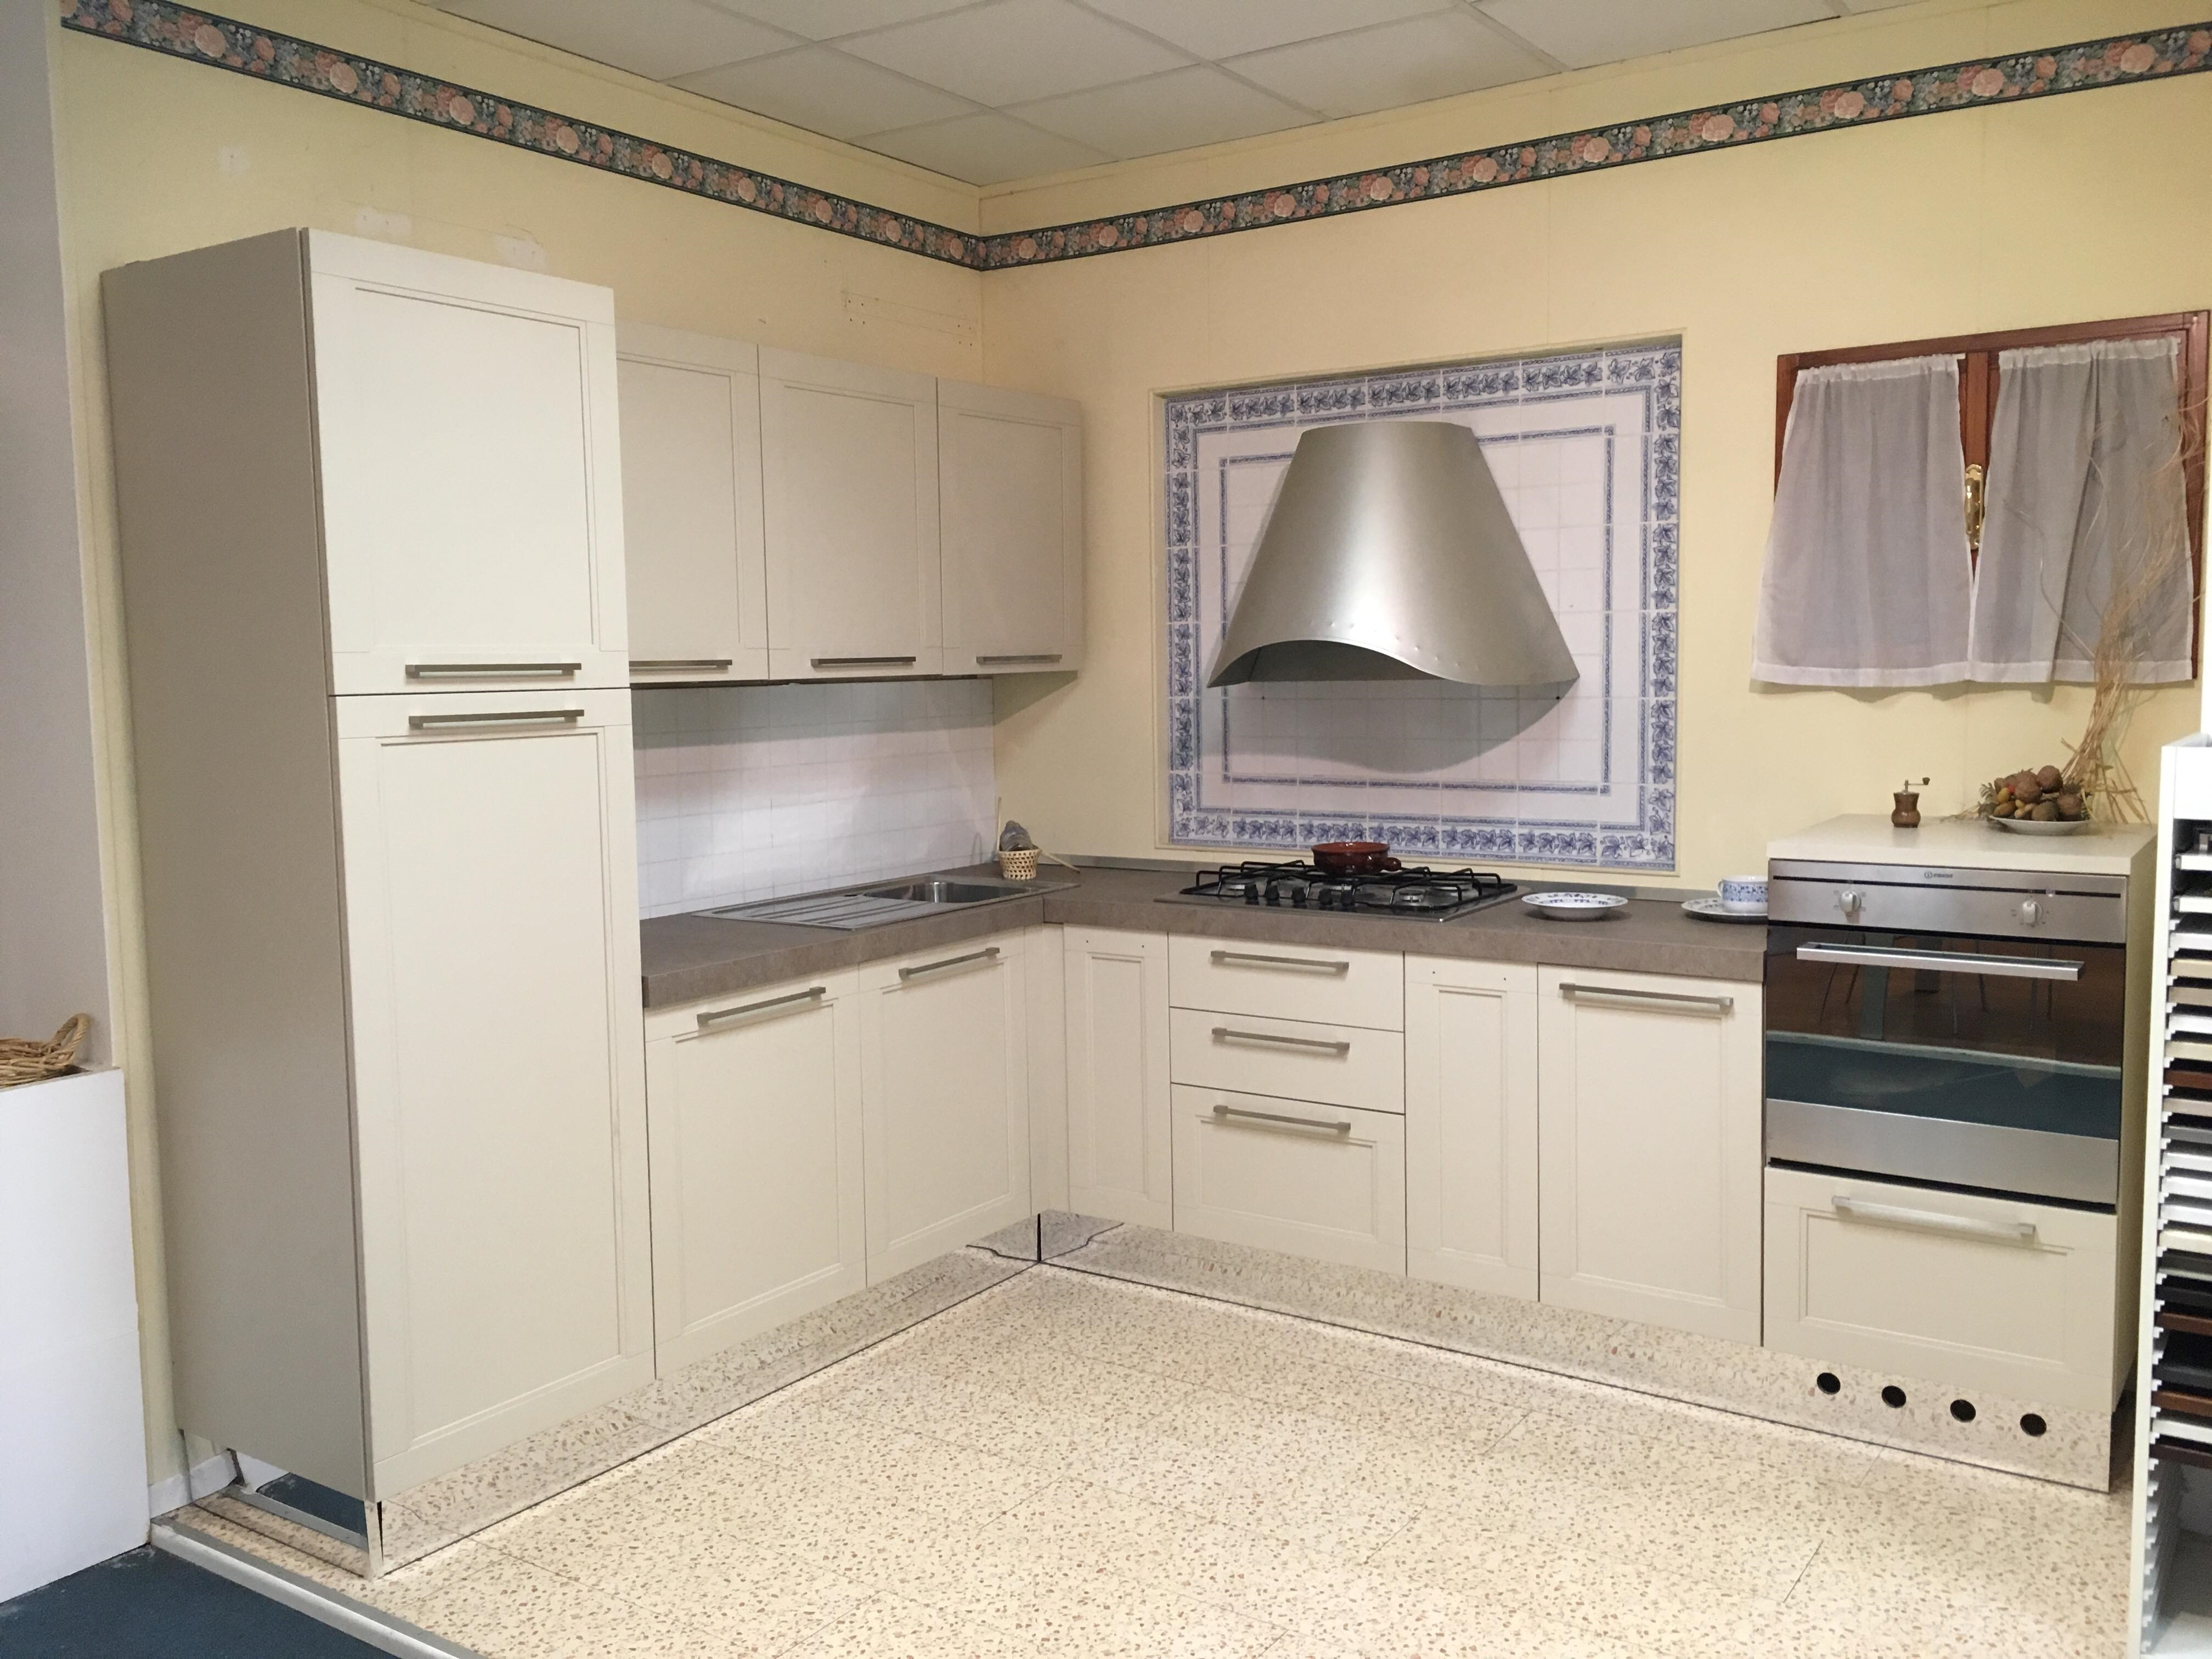 Cucina ad angolo astra cucine in offerta misura 240x285cm for Cucine componibili ad angolo prezzi